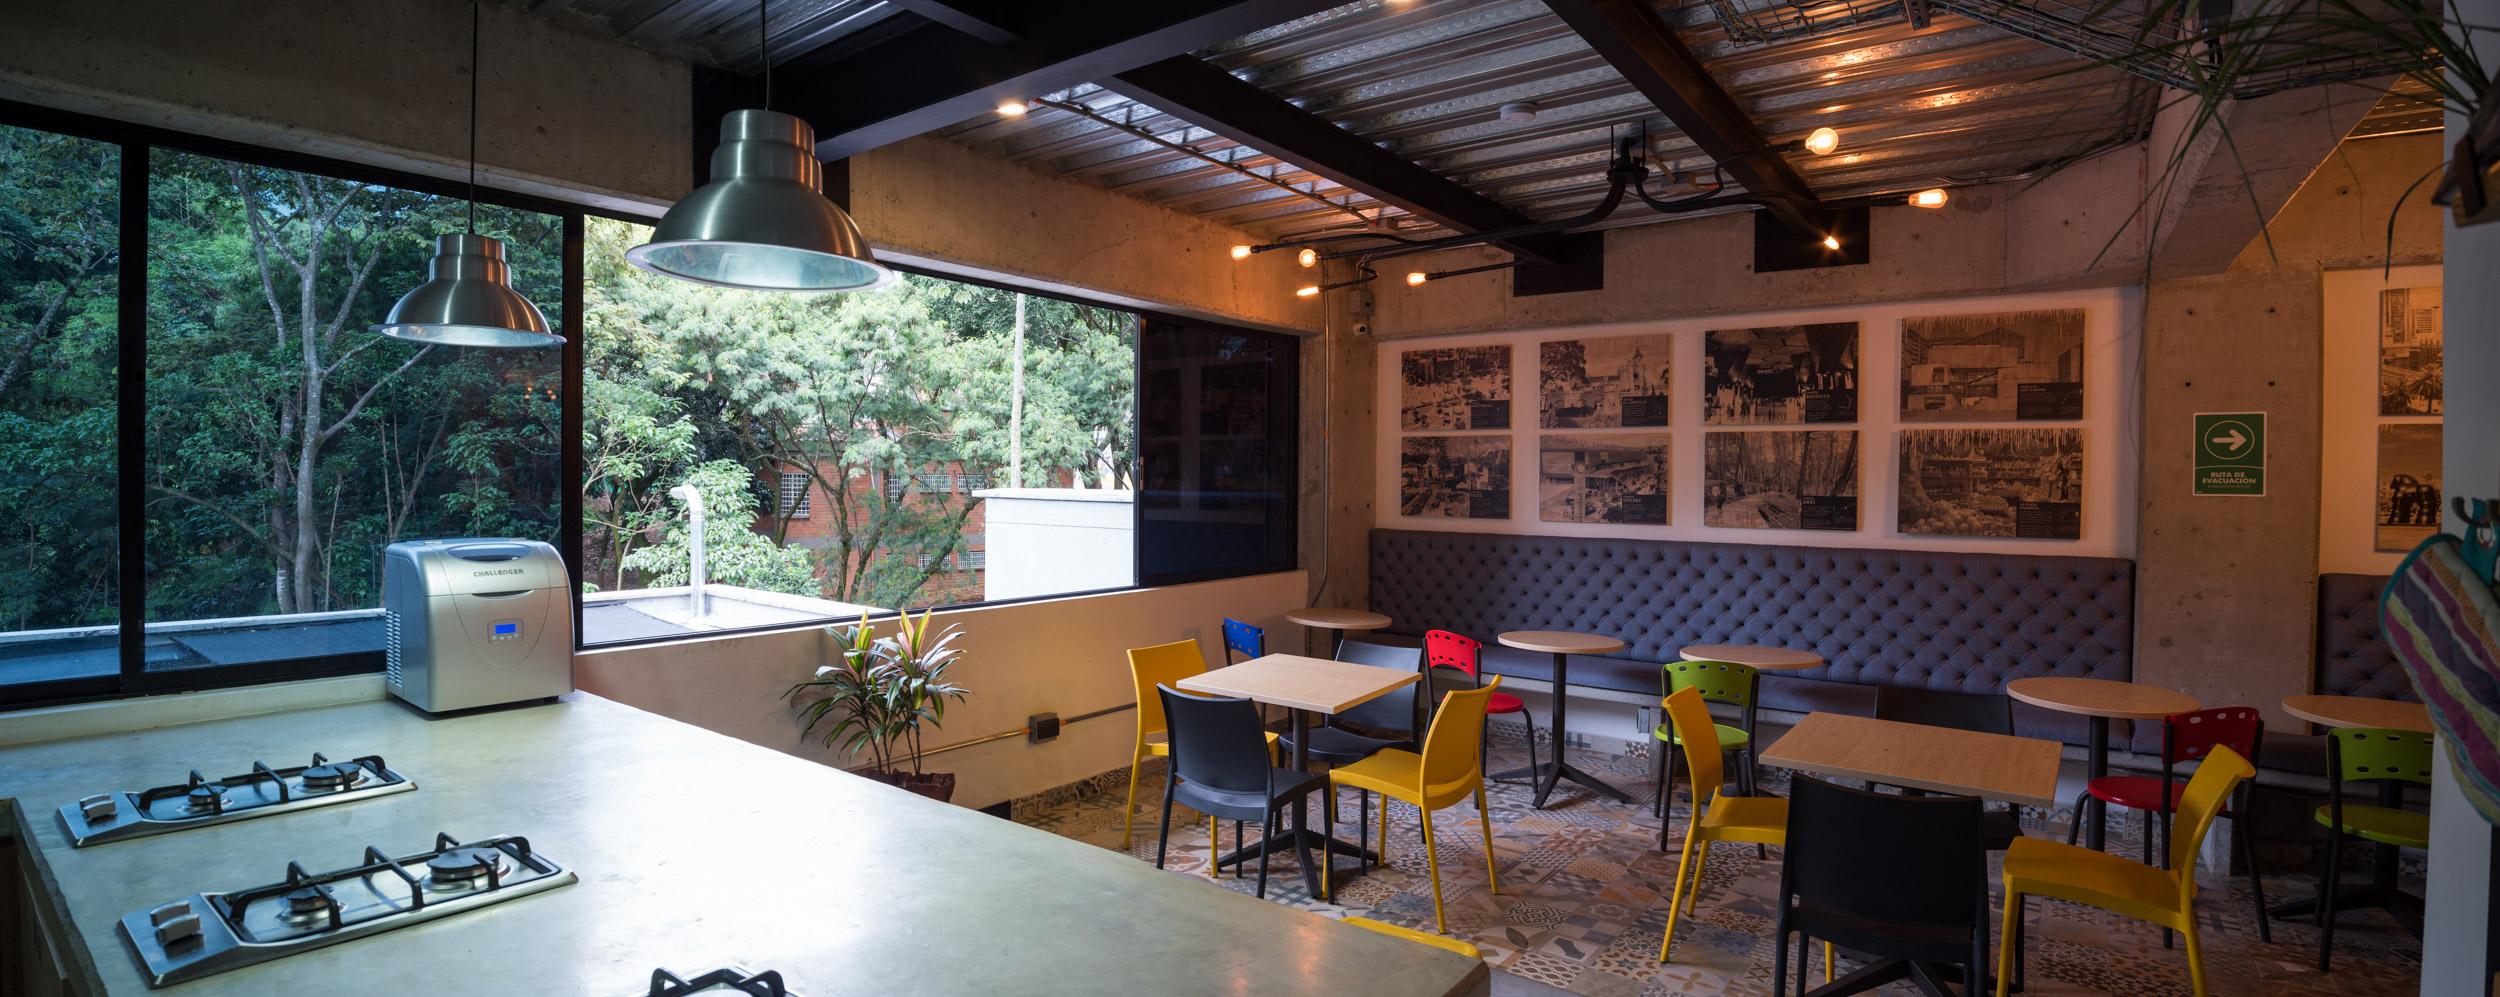 Proyecto Comercial Restaurante Los Patios